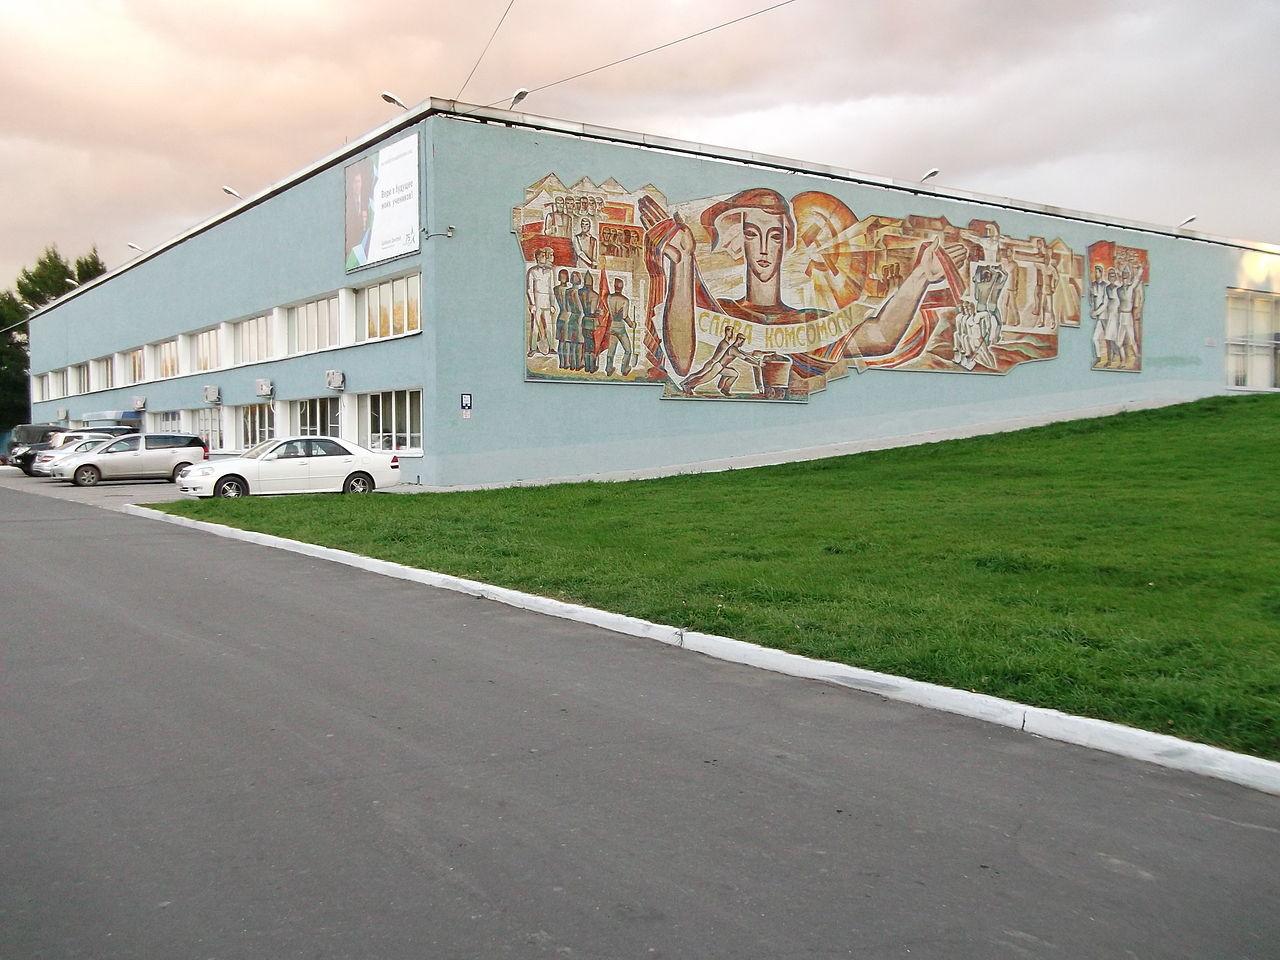 Mladinski dom s poslikavo v čast Komsomolu (komunistični mladini)